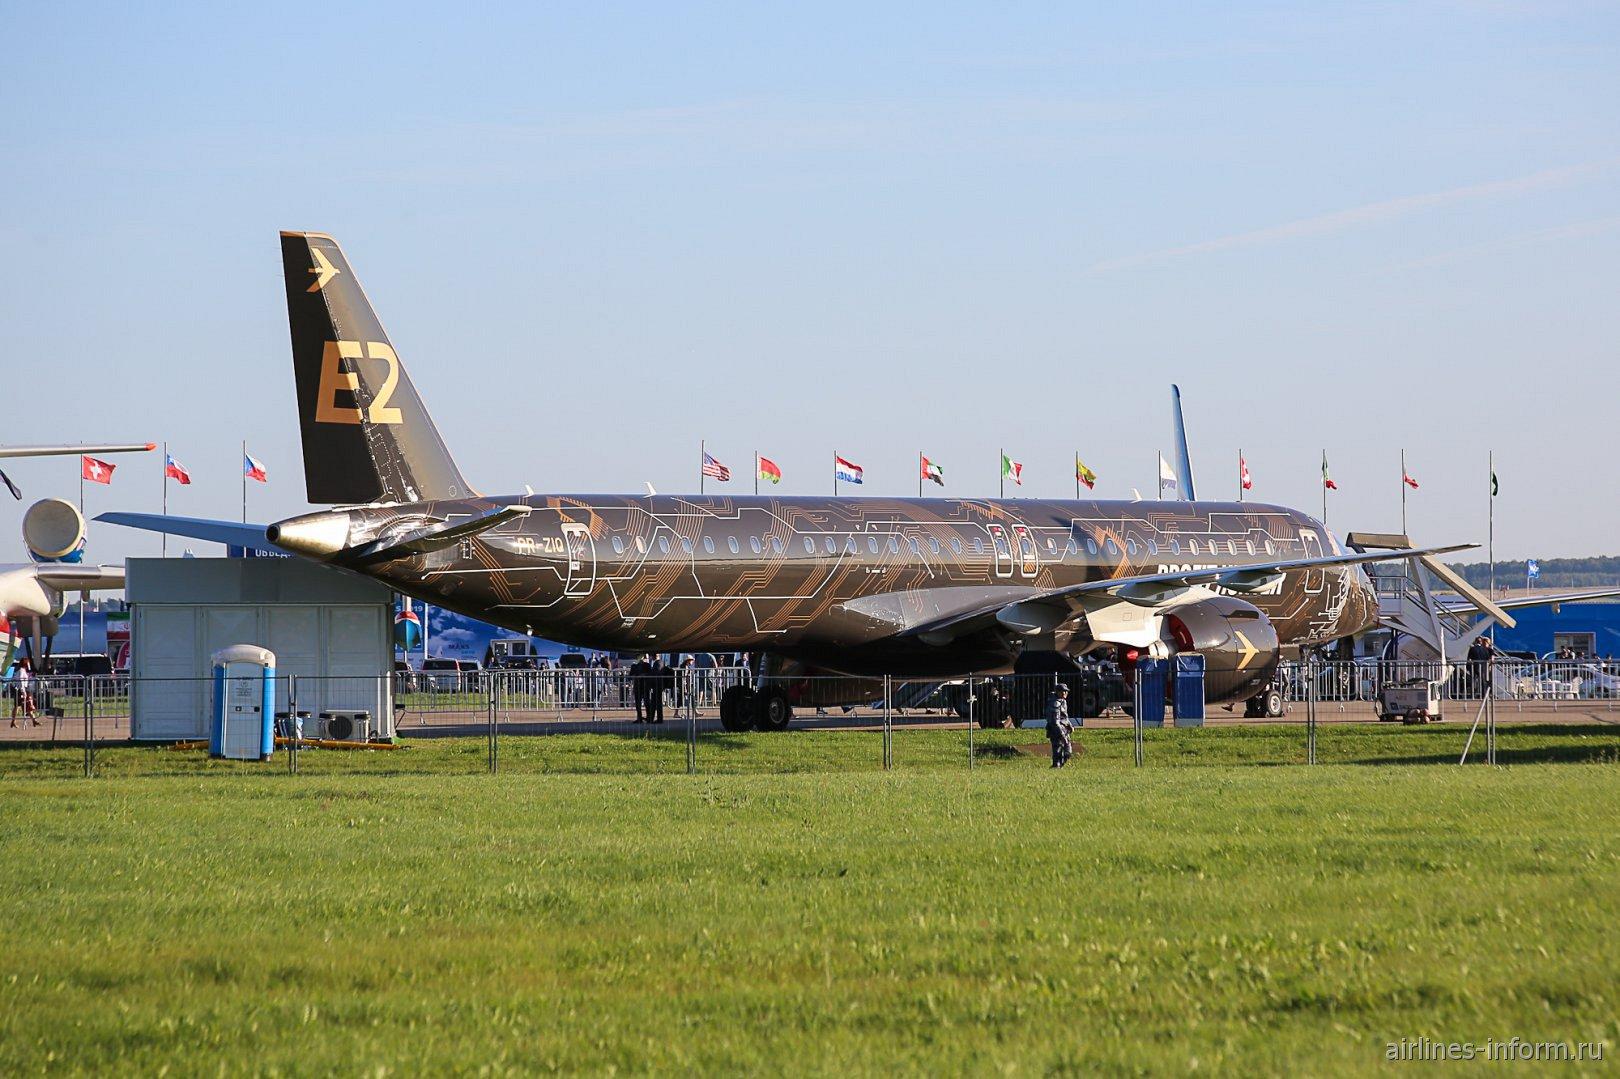 Самолет Embraer E195-E2 на авиасалоне МАКС-2019